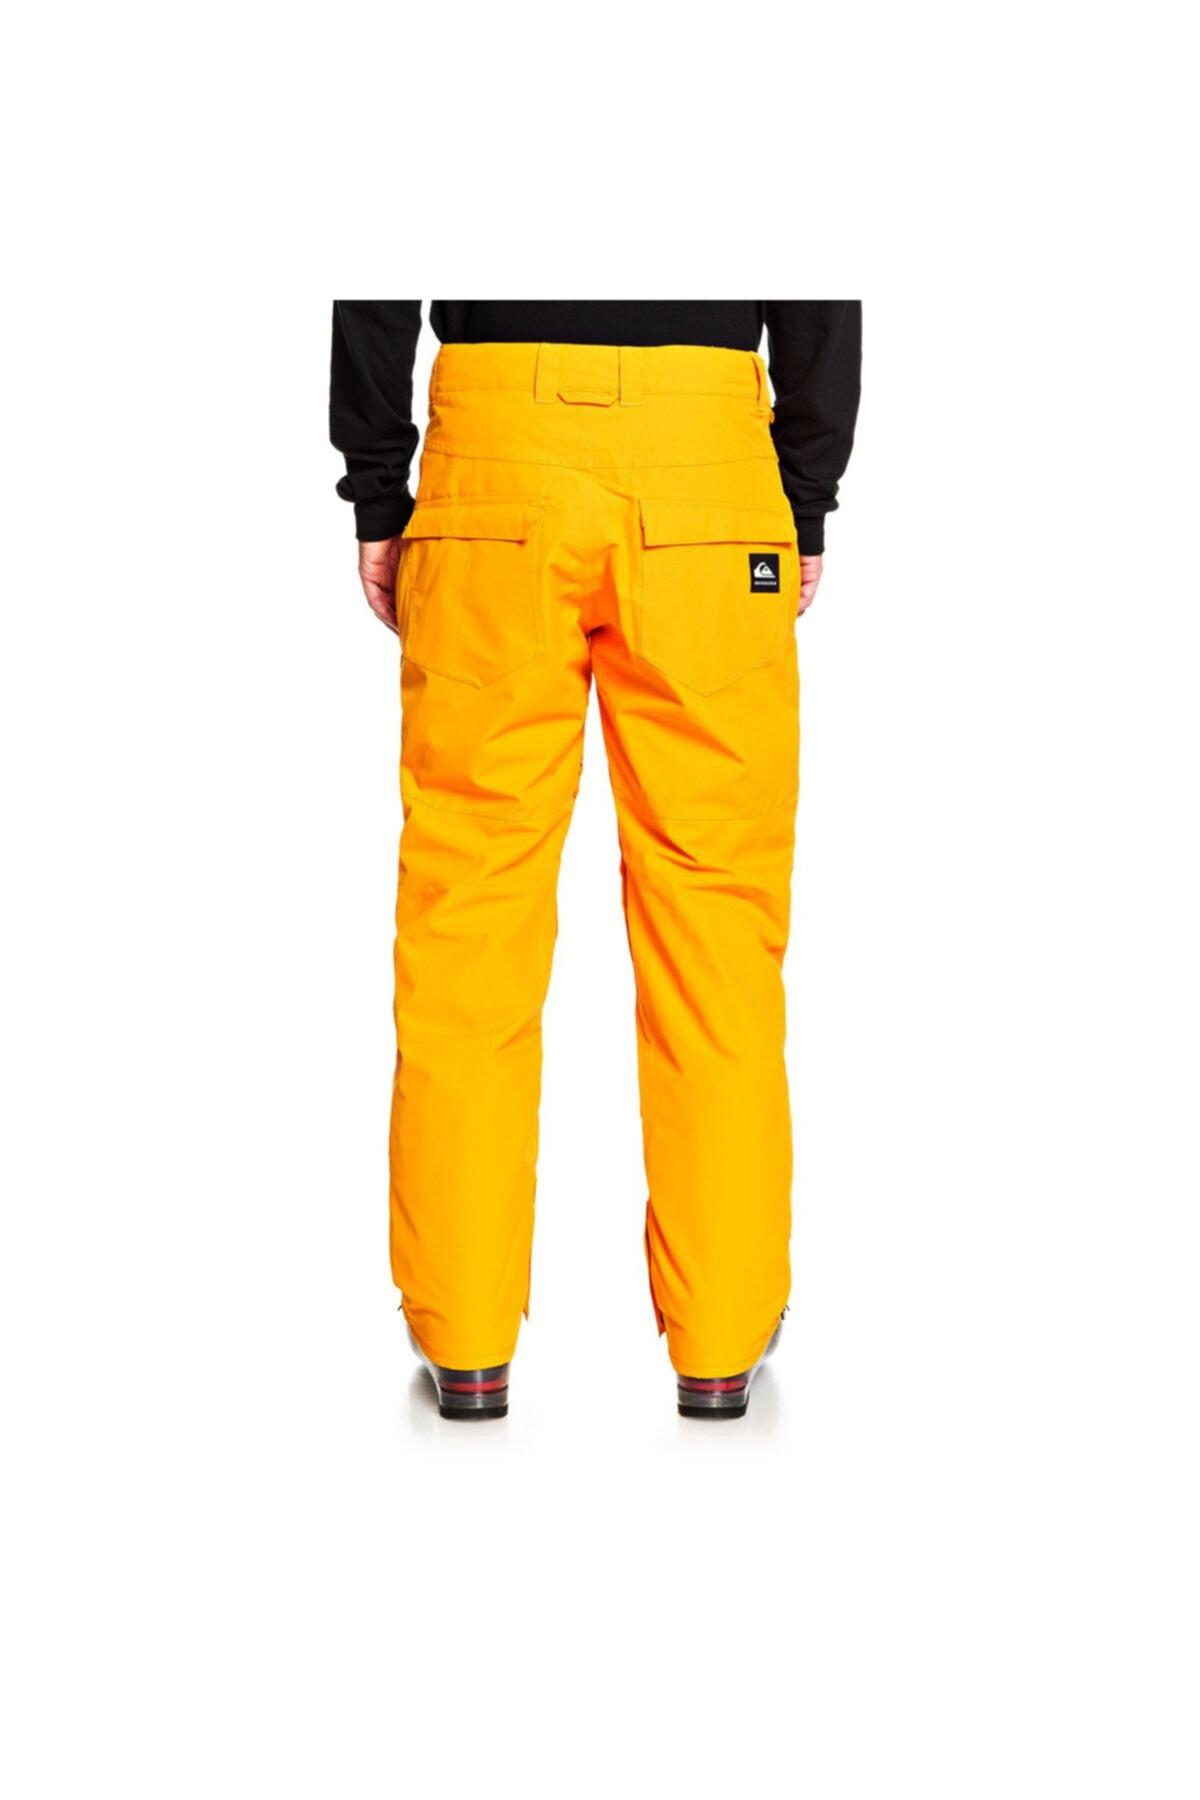 Quiksilver ESTATE PT M SNPT NKP0 Turuncu Erkek Kayak Pantalonu 101068431 2